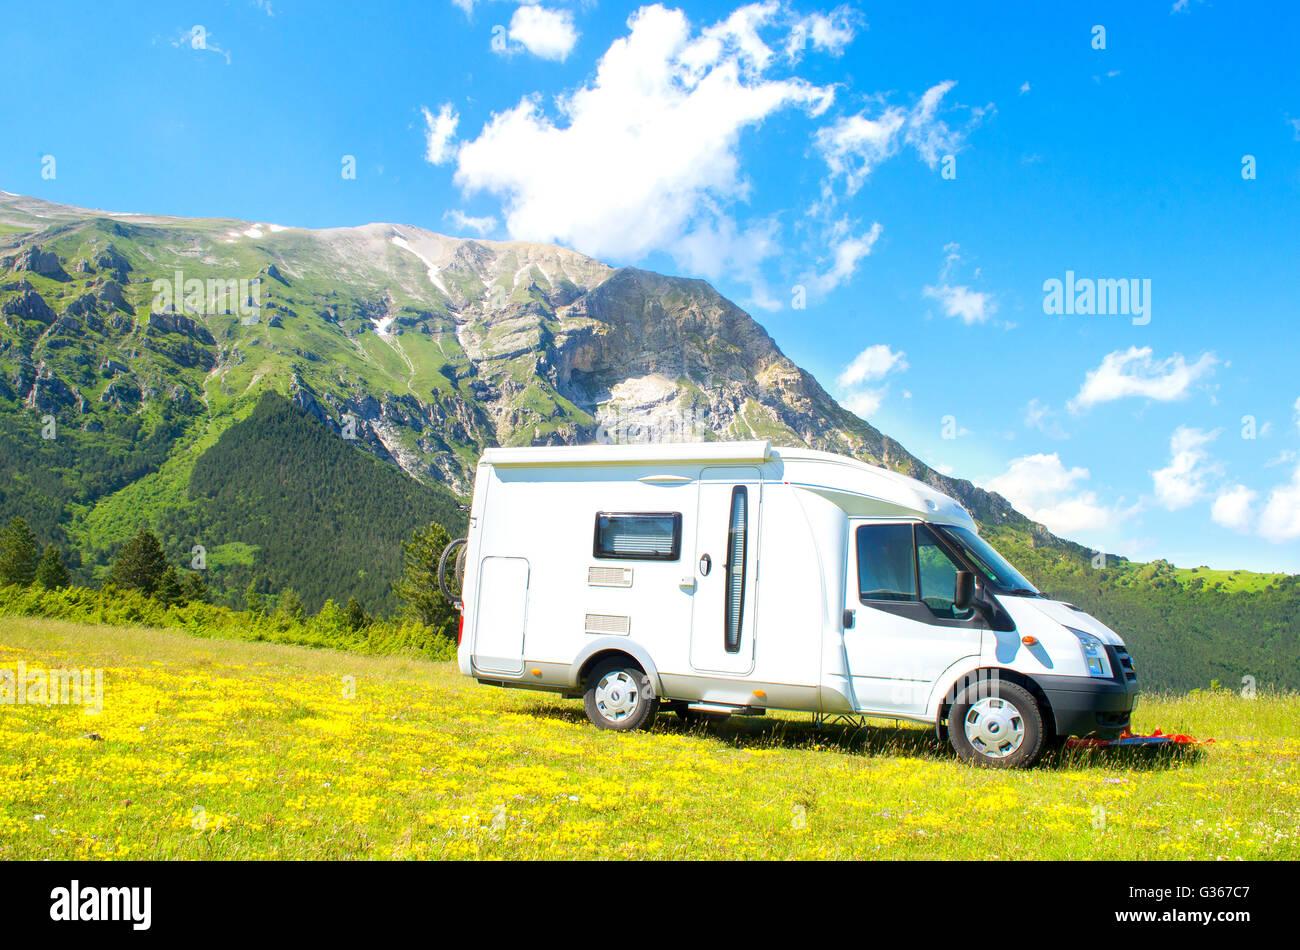 Camper montaña verano viaje Imagen De Stock